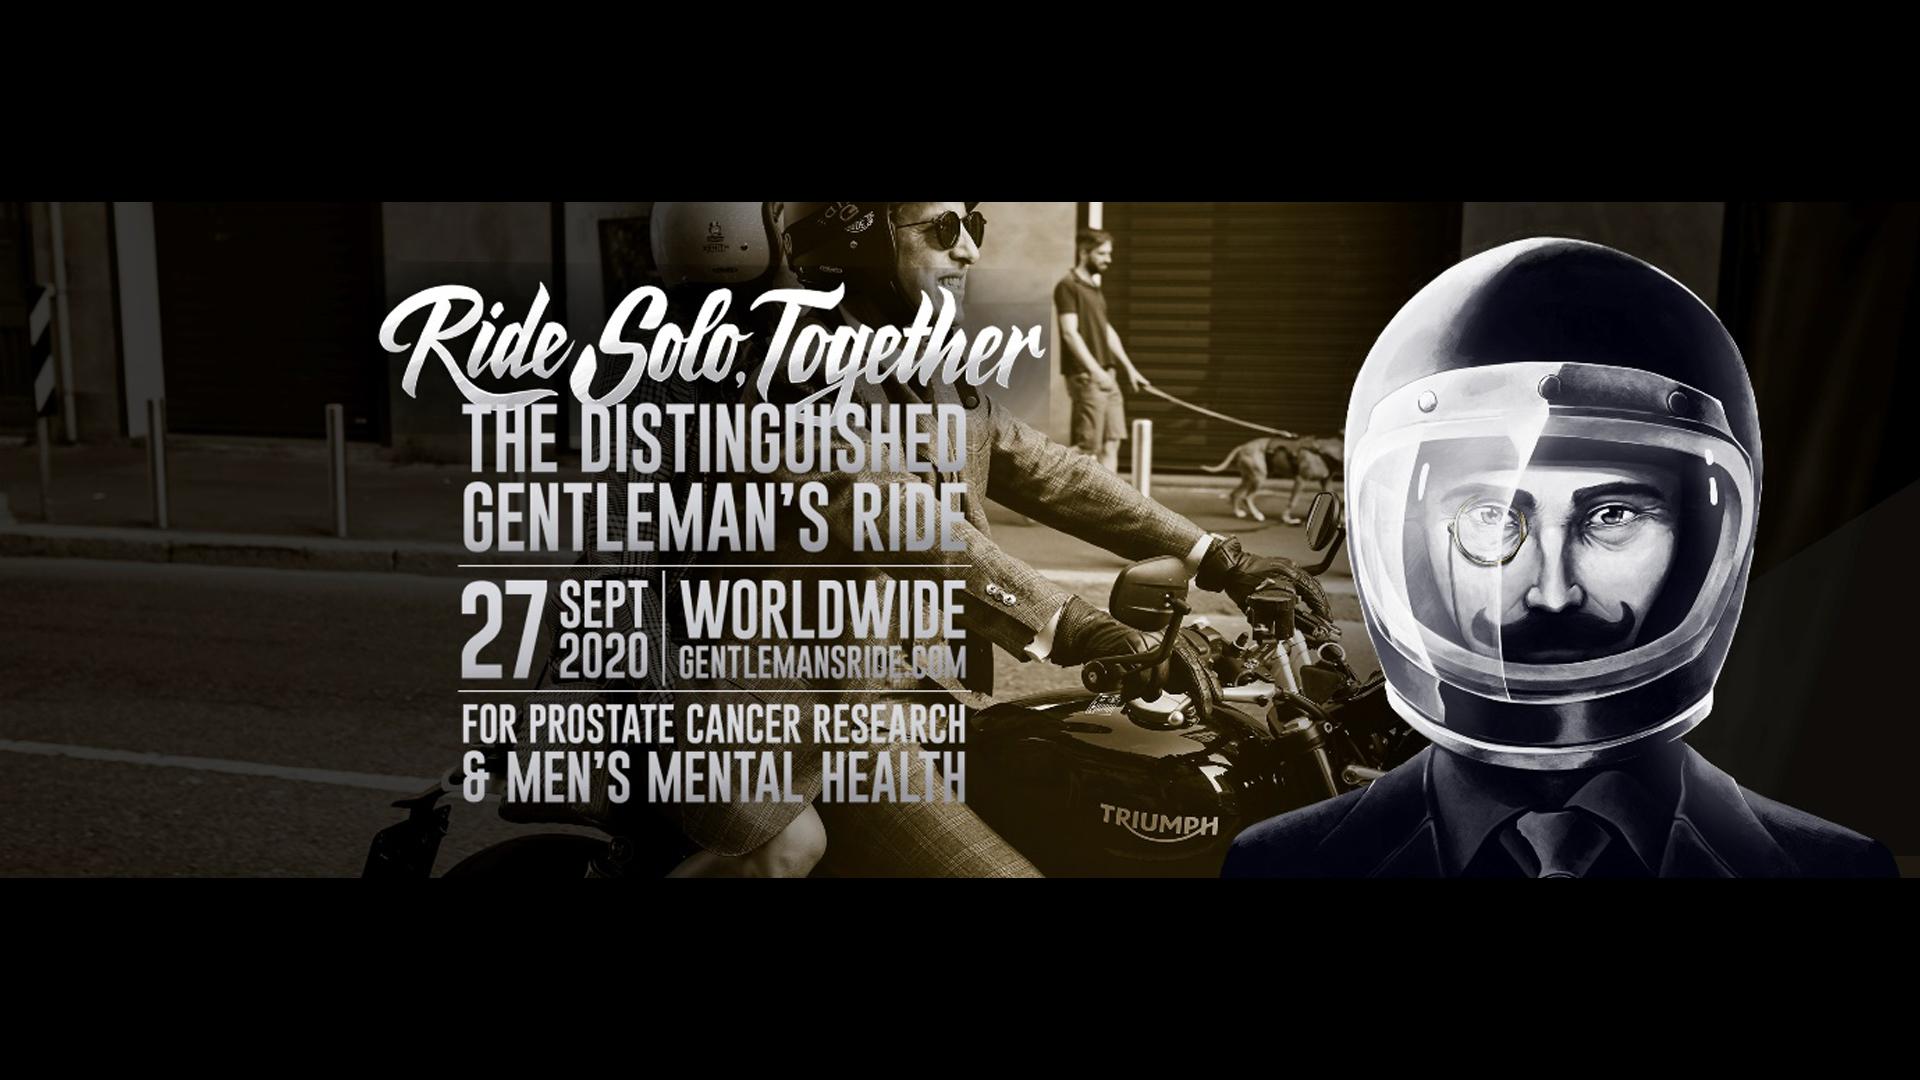 2020 Distinguished Gentleman's Ride 9月27日(日)開催